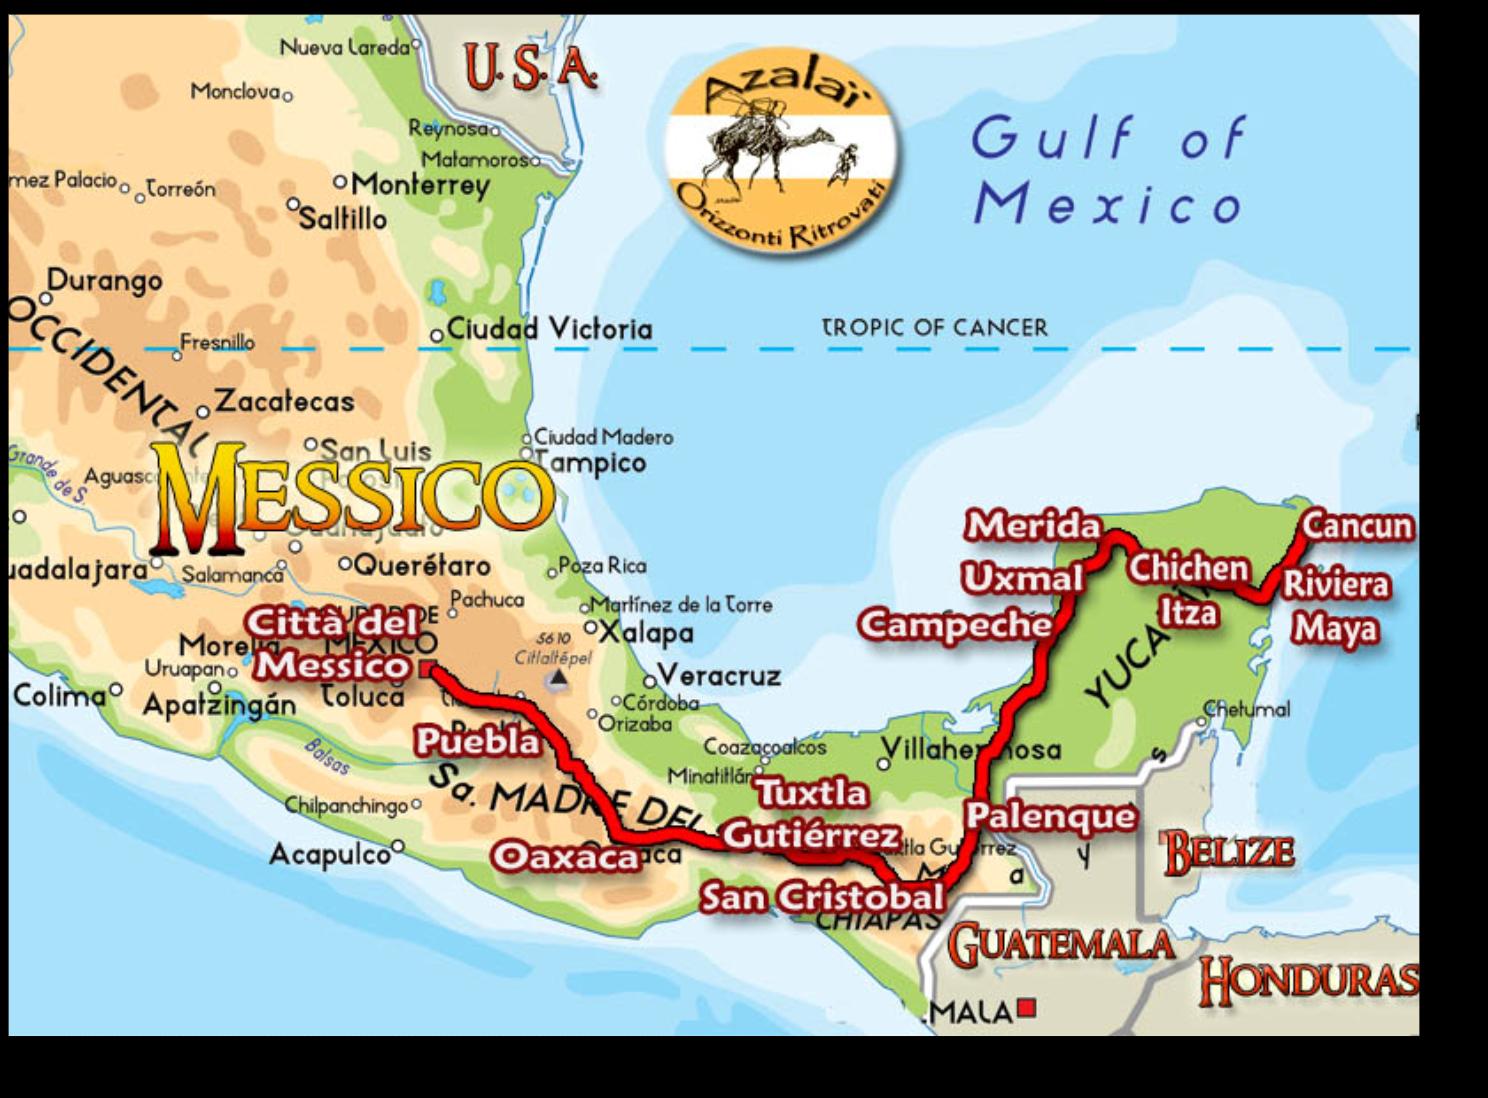 Cartina Yucatan E Chiapas.Viaggio Nello Yucatan E Chiapas 1996 Di Pistolozzi Marco Viaggi Per Il Mondo Di Marco Pistolozzi Con Video Foto E Notizie